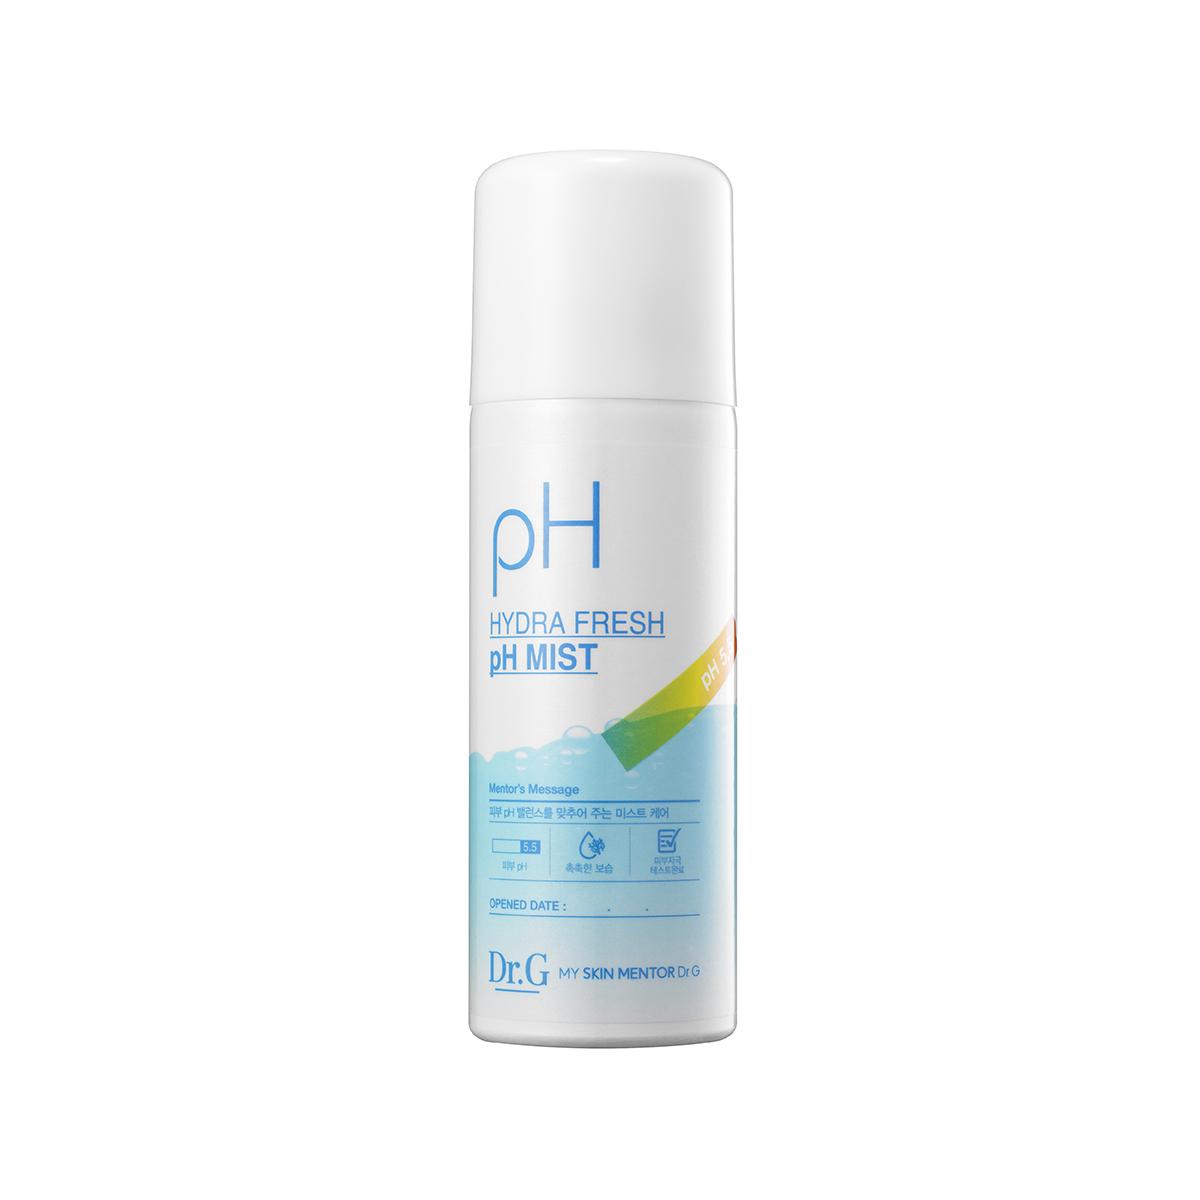 Dr. G Мист-тоник увлажняющий Mist, 150 млDG133093Увлажняющий и балансирующий кожу мист-тоник, обогащенный минералами, помогает поддерживать необходимый коже уровень pH в течение всего дня. Содержит воду с pH 5.5, которая расслабляет эпидермис, обеспечивает увлажнение несбалансированной кожи, оставляя после себя ощущение легкой прохлады.